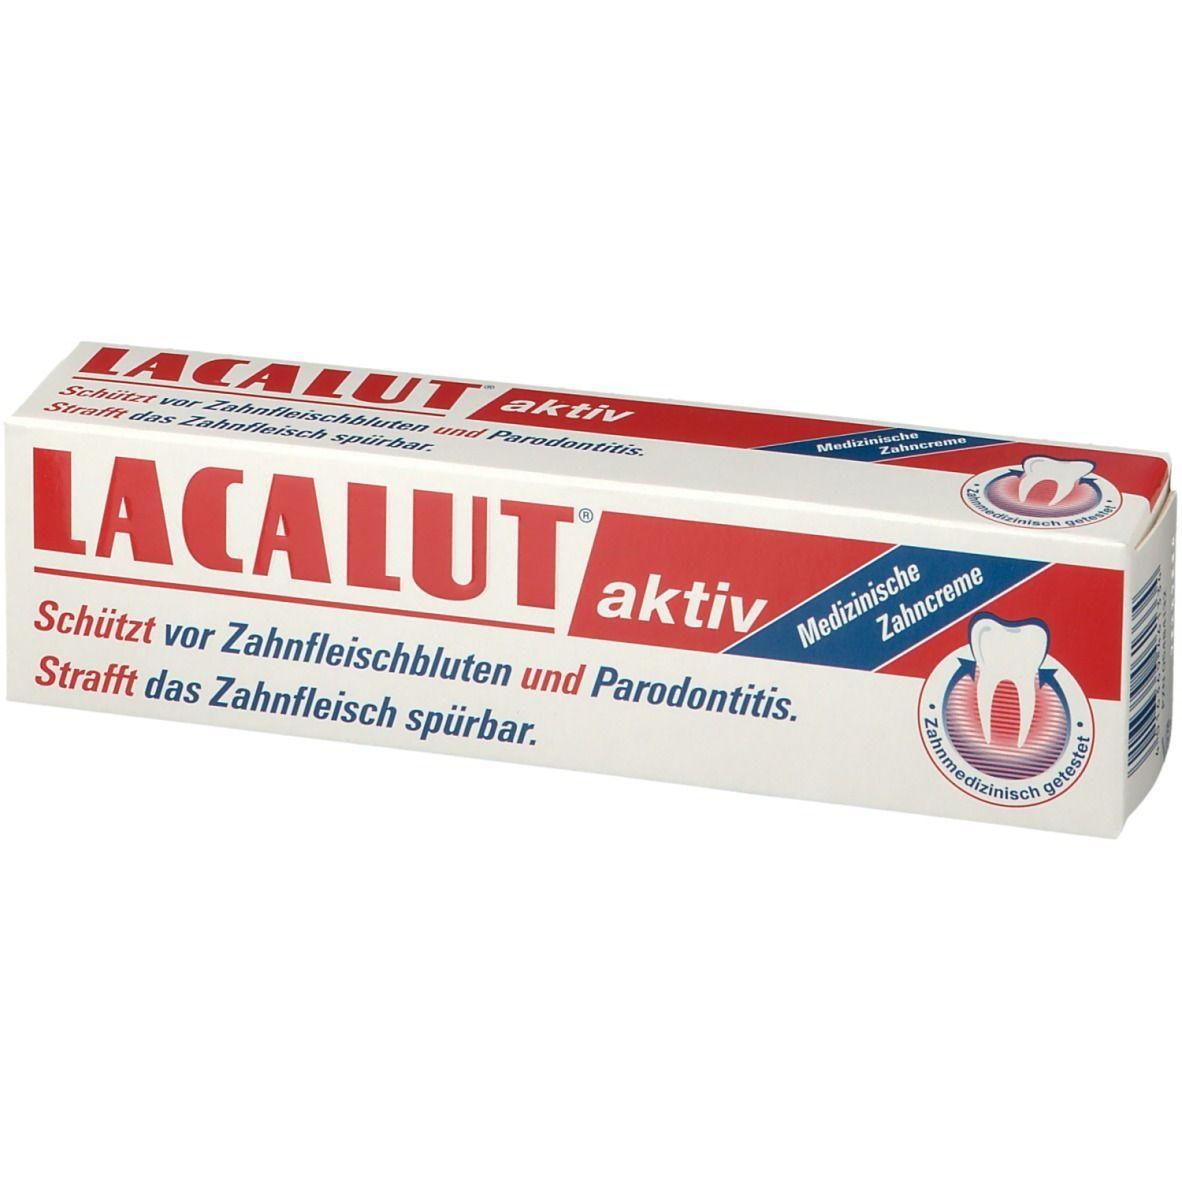 LACALUT aktiv Zahncreme